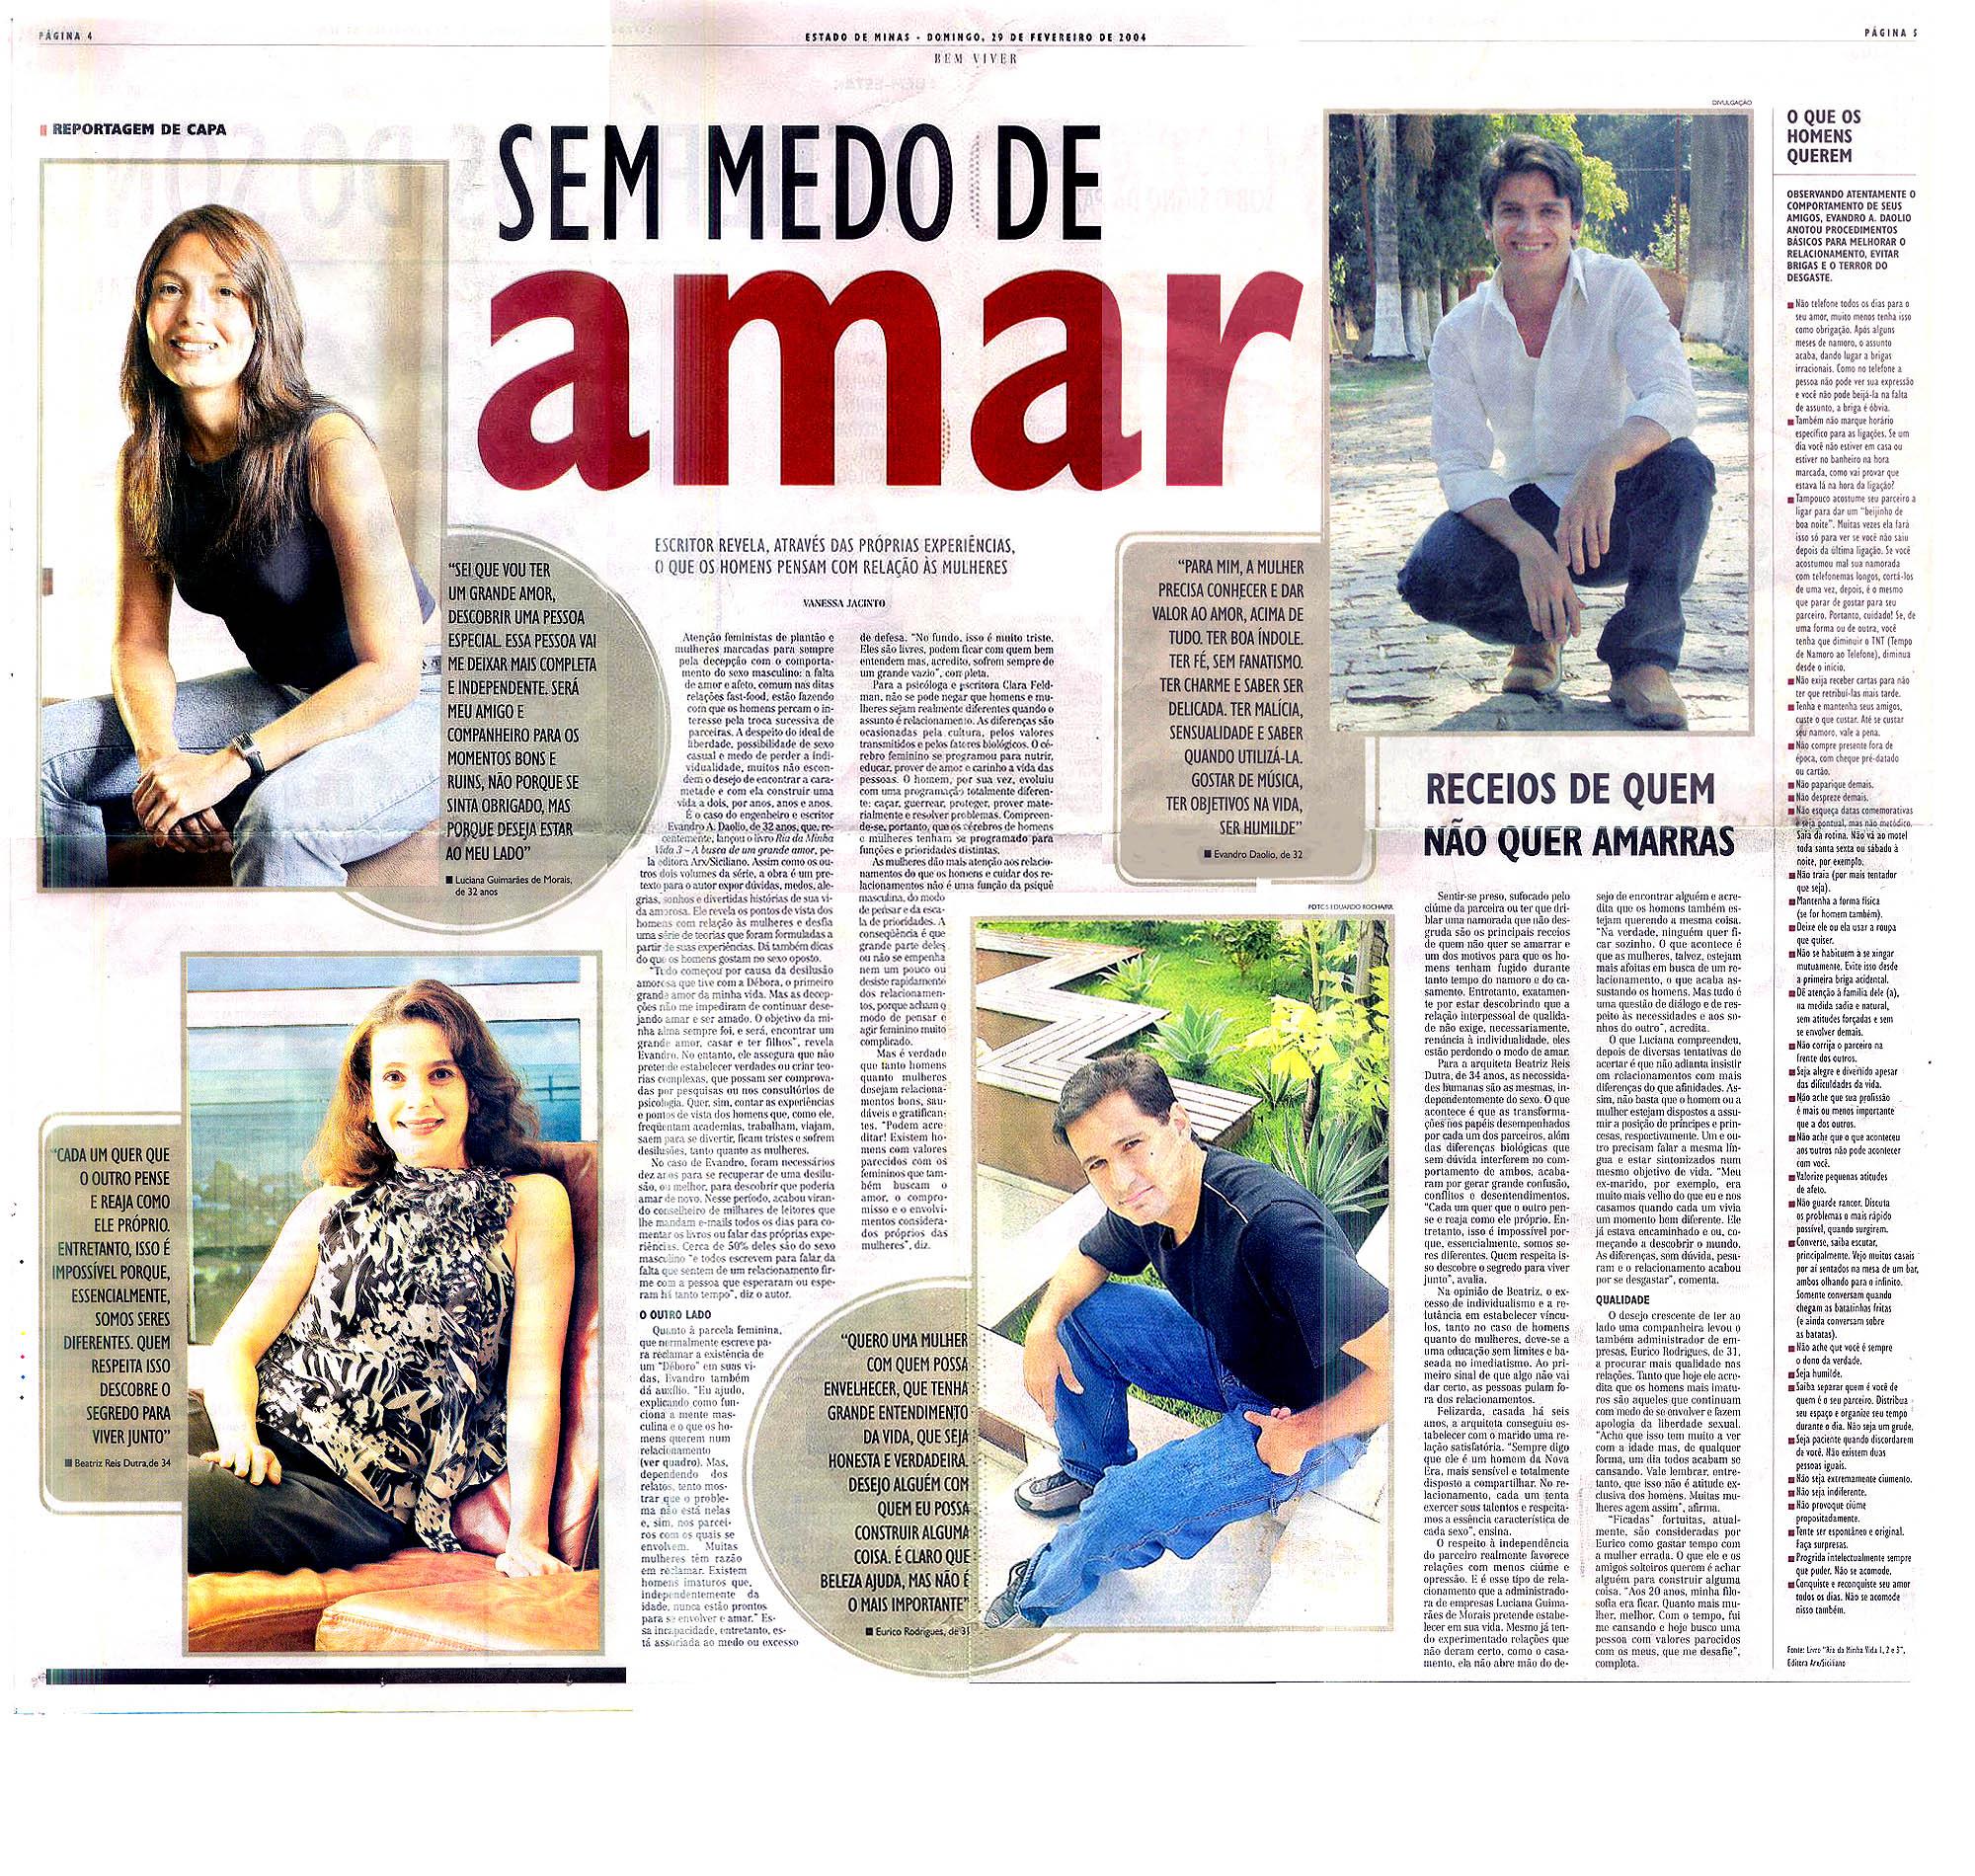 News Minas Gerais